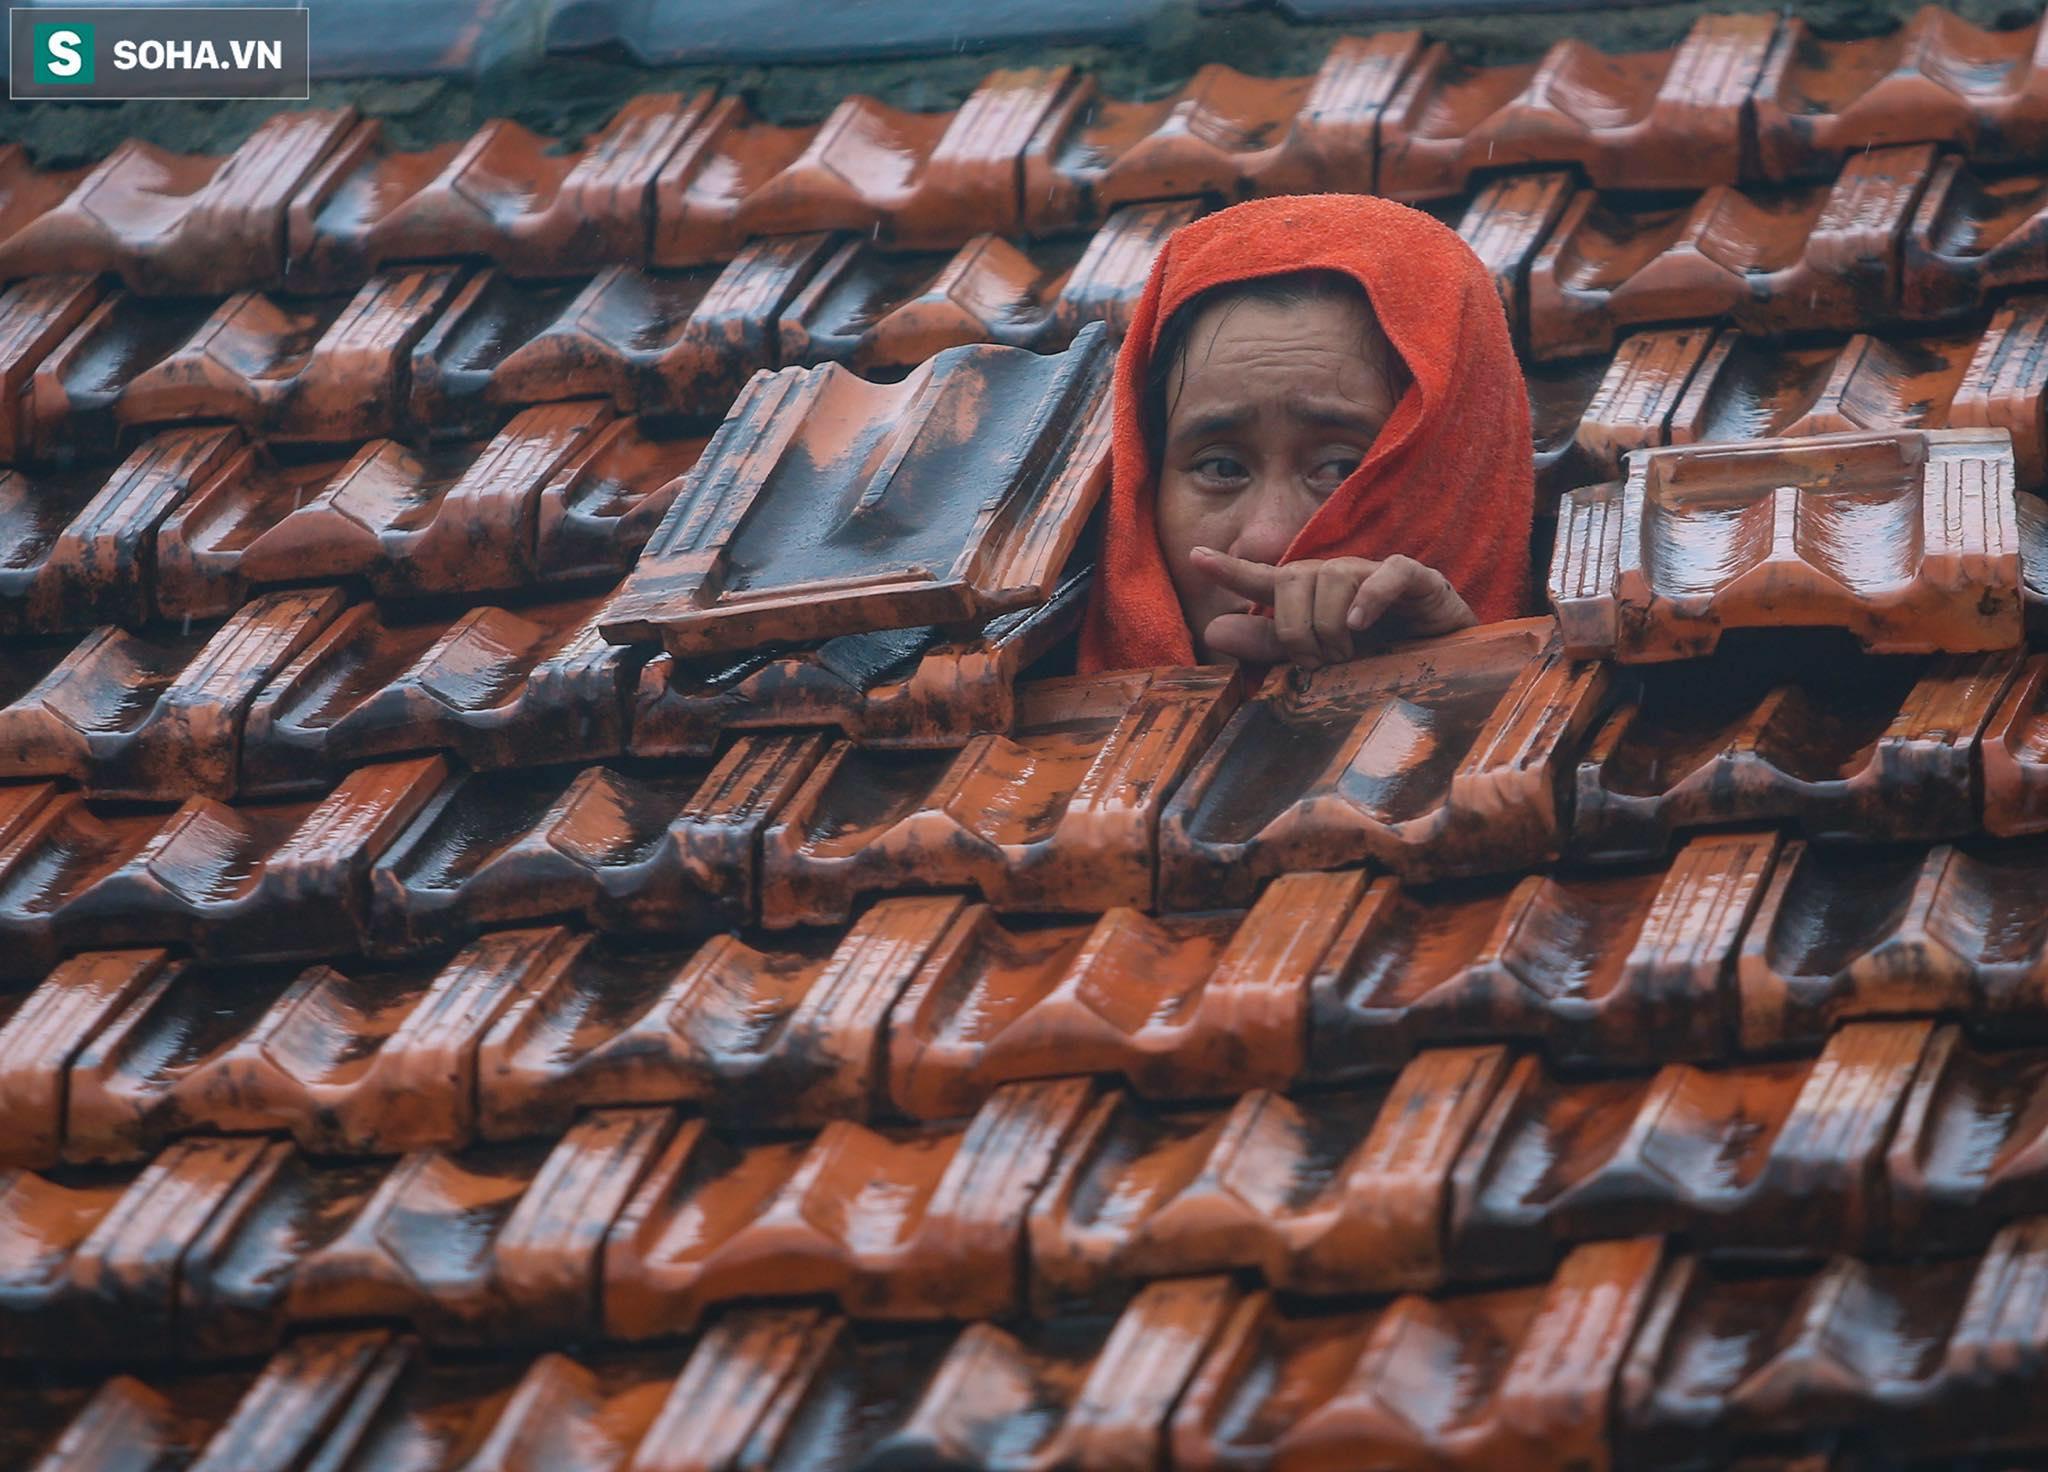 Những cánh tay 'cầu cứu' từ mái nhà trong cơn lũ lịch sử ở Quảng Bình - Ảnh 5.